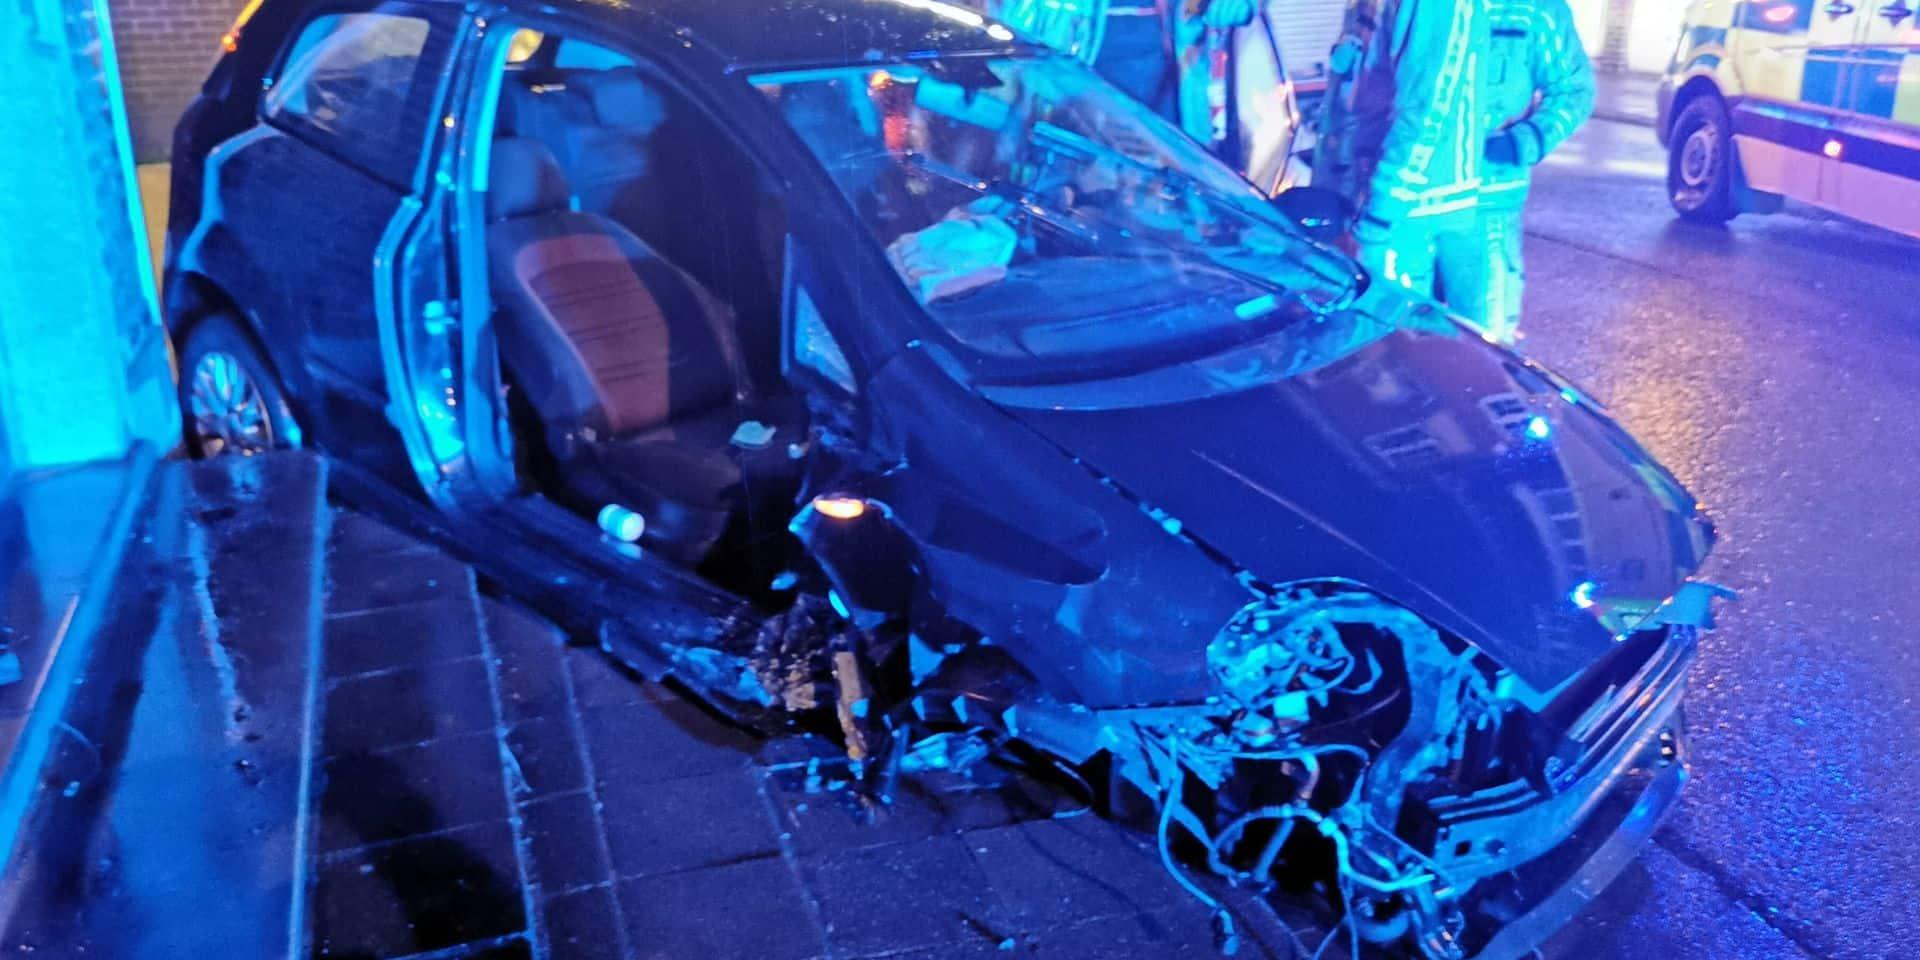 Un grave accident de voiture à Jumet la nuit passée a fait deux blessés